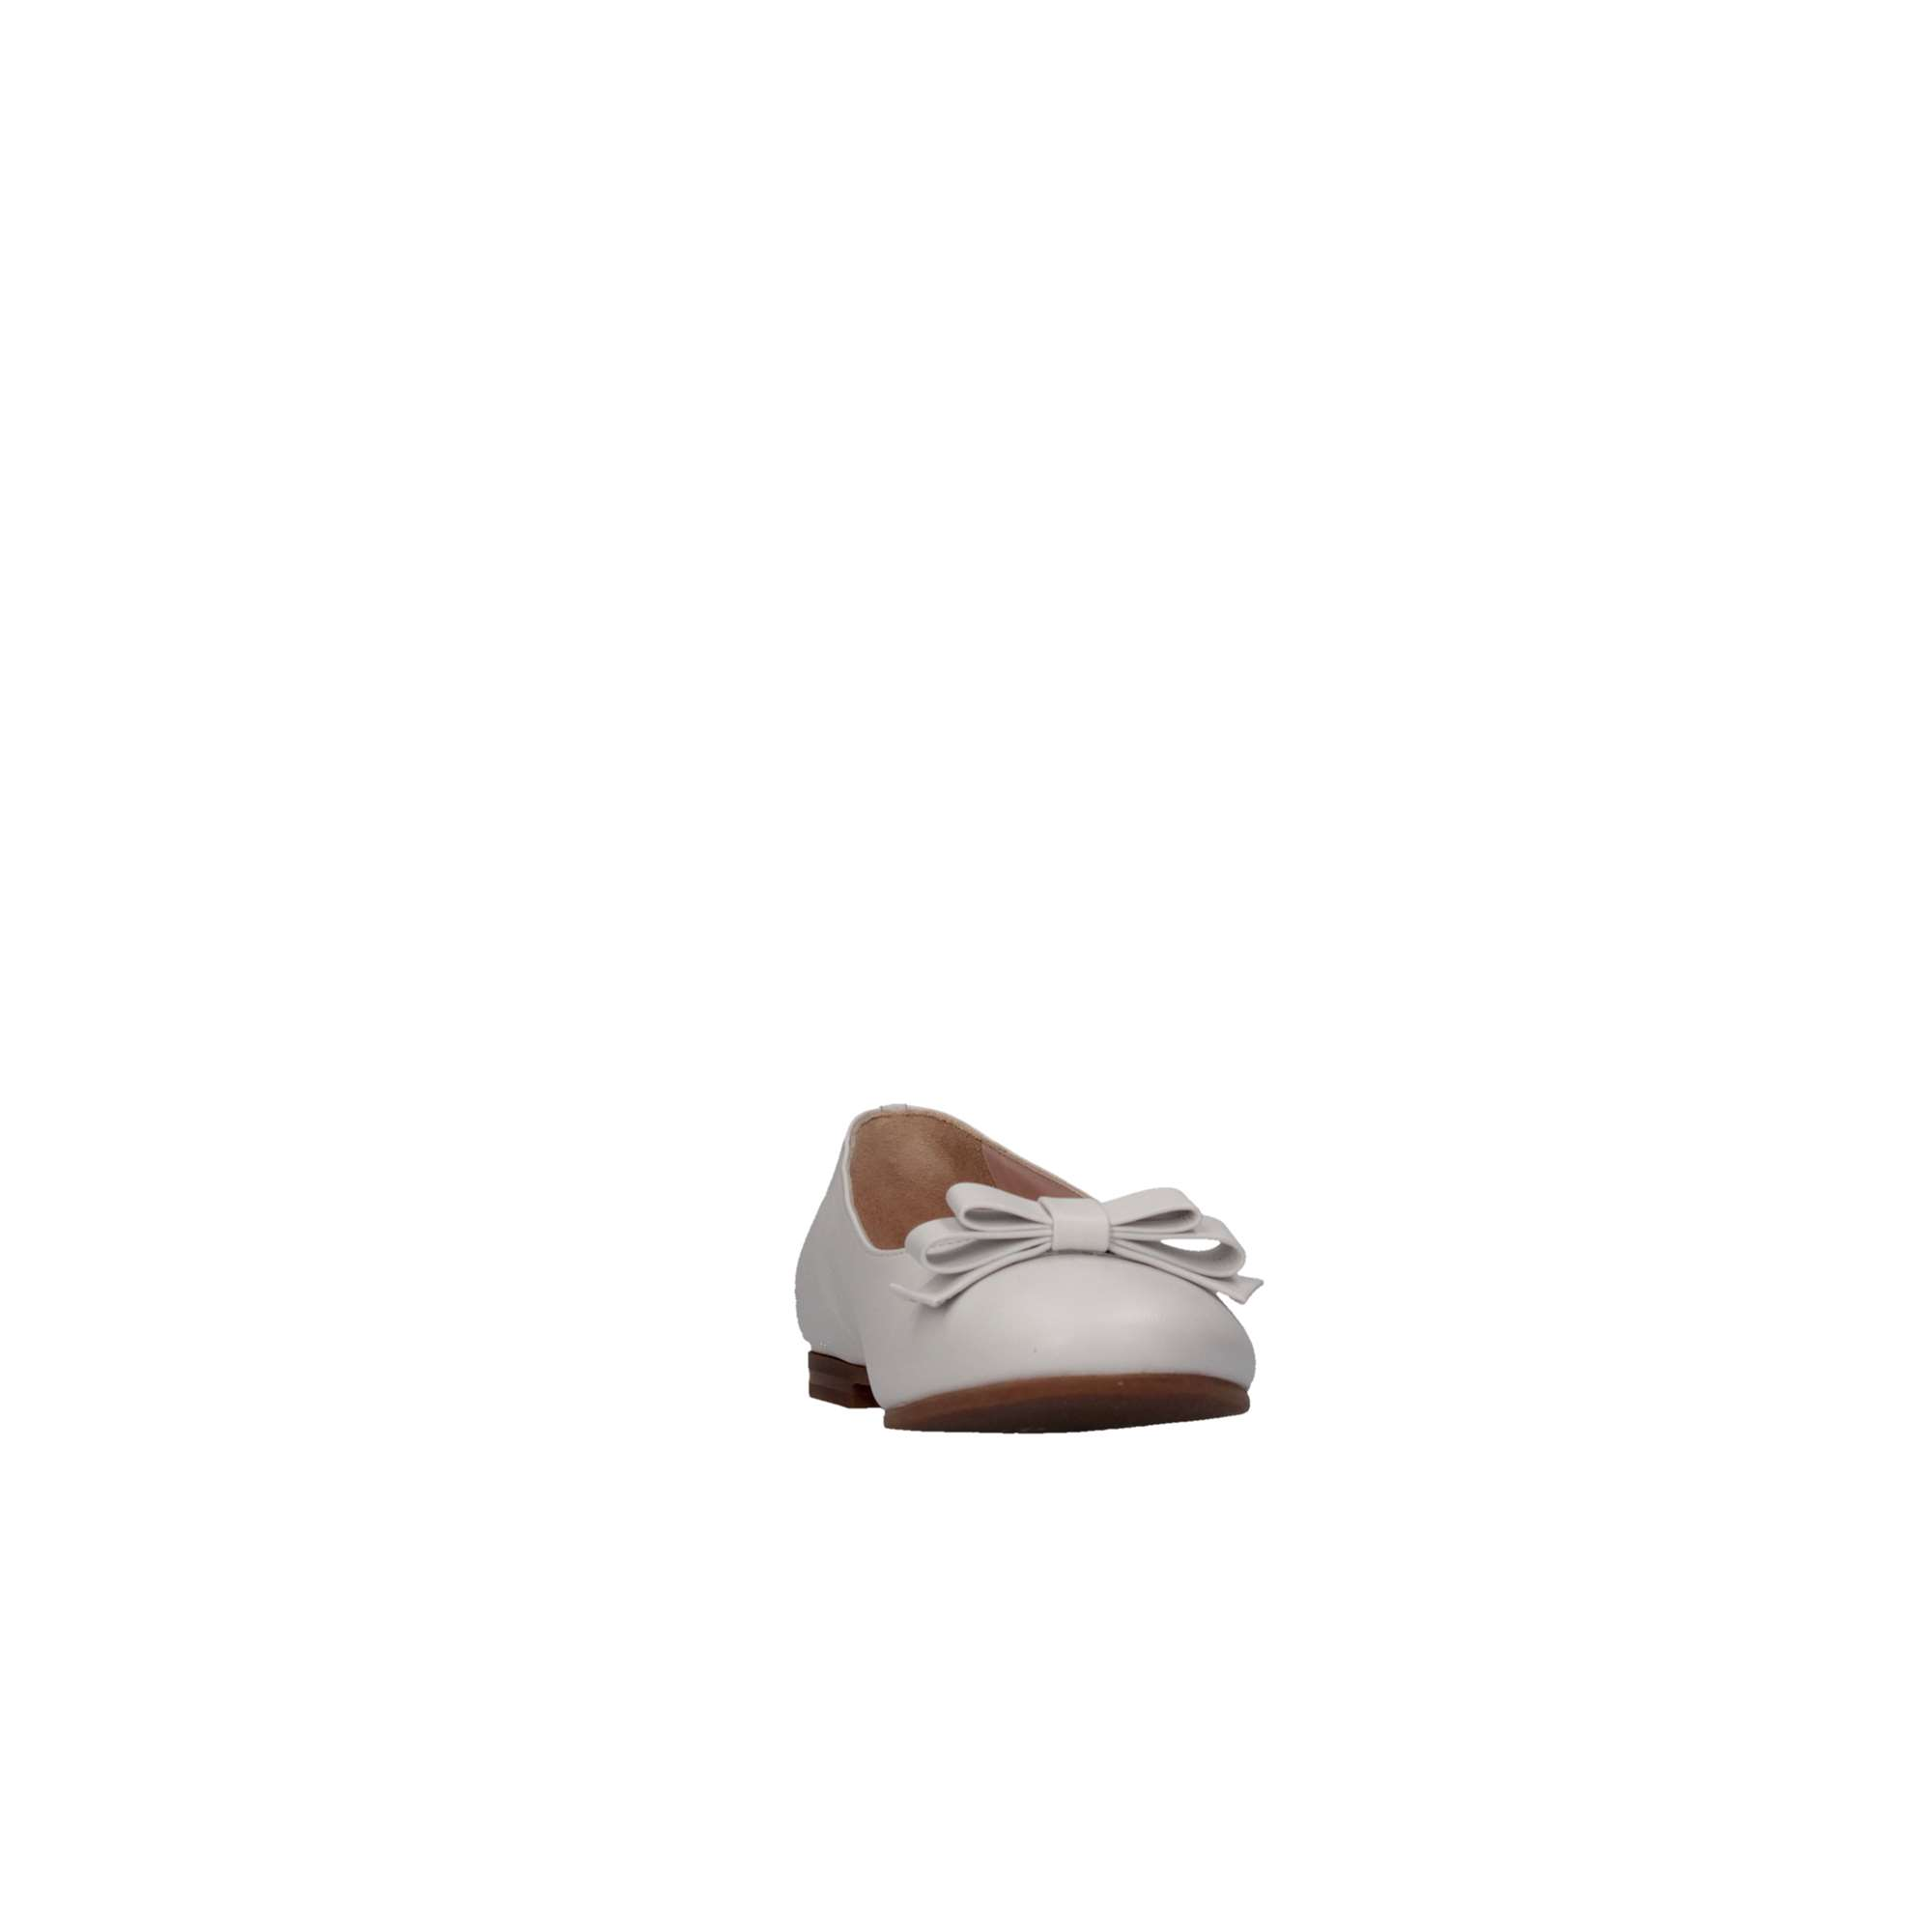 Ballerina-Bambina-Il-Gufo-G353-BIANCO-Primavera-Estate